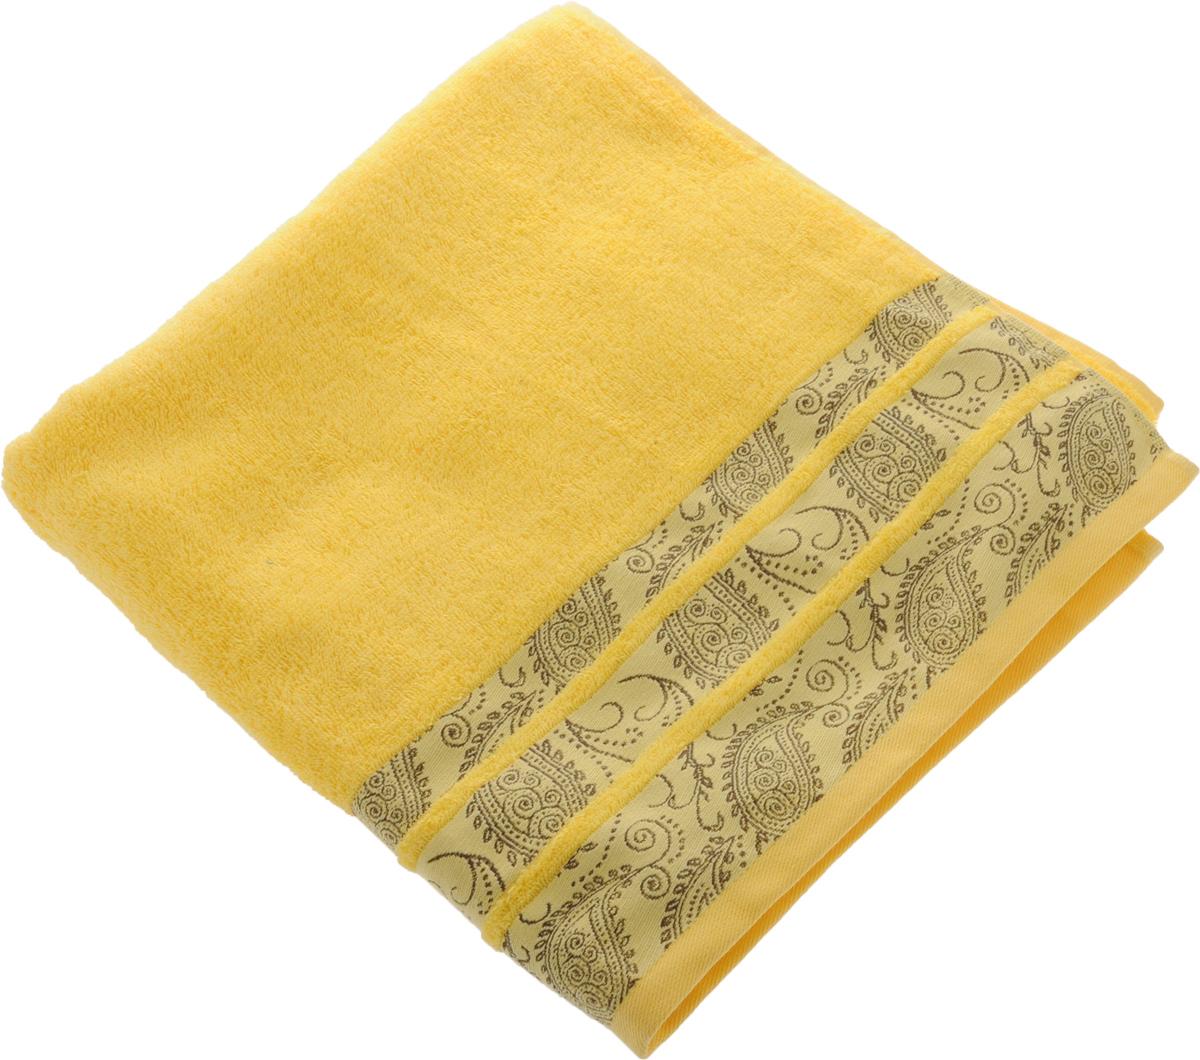 Полотенце Soavita Luxury. Almond, цвет: желтый, коричневый, 70 х 140 см97775318Полотенце Soavita Luxury. Almond выполнено из 100% хлопка. Изделие отлично впитывает влагу, быстро сохнет, сохраняет яркость цвета и не теряет форму даже после многократных стирок. Полотенце очень практично и неприхотливо в уходе. Оно создаст прекрасное настроение и украсит интерьер в ванной комнате.